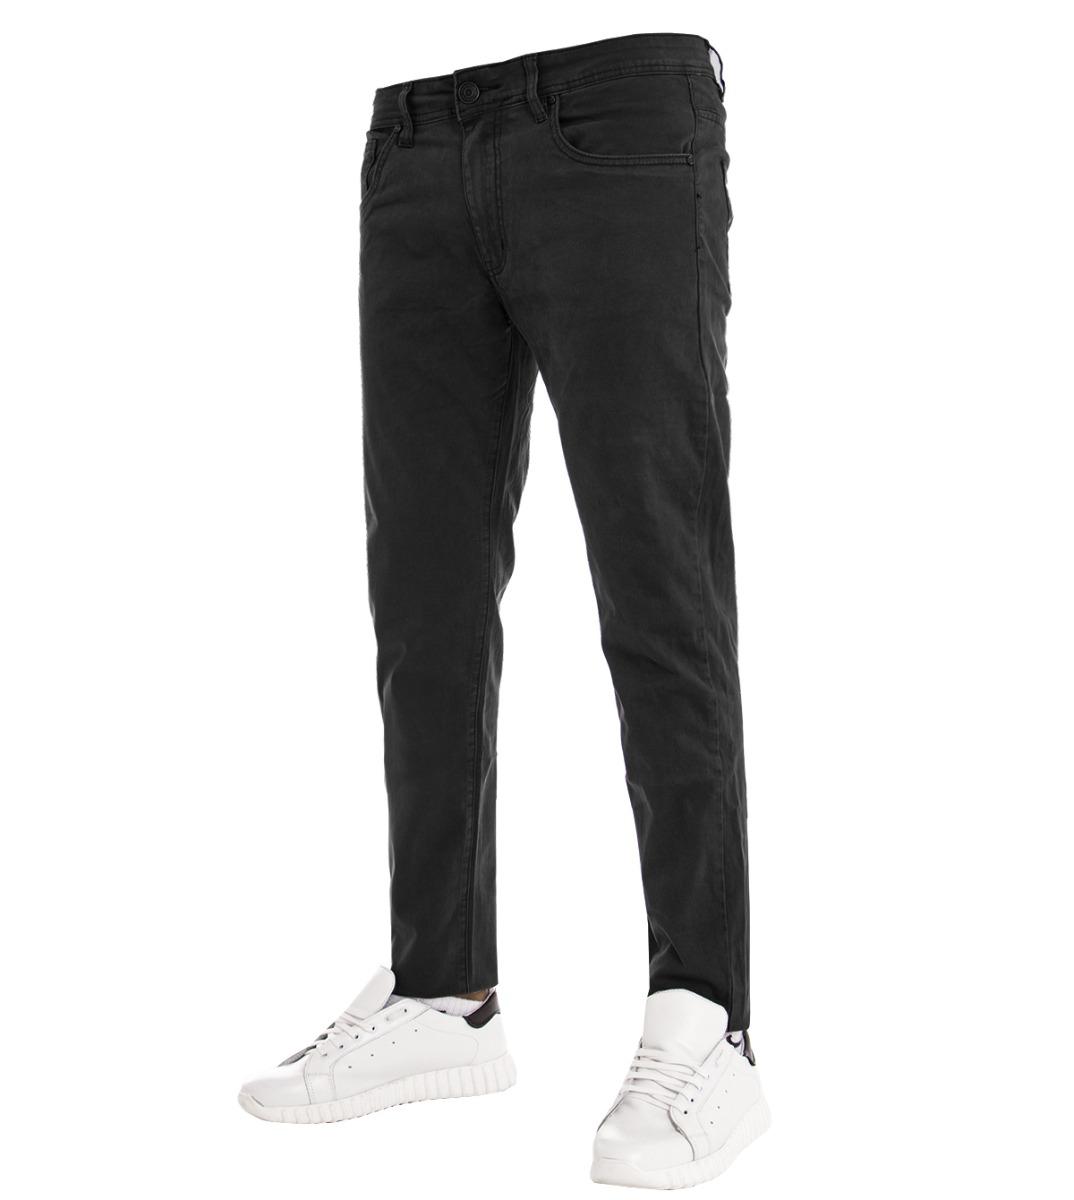 Glorioso Pantalone Uomo Slim Fit Cotone Elastico Cinque Tasche Casual Vari Colori Nero... Aiutare A Digerire Cibi Grassi